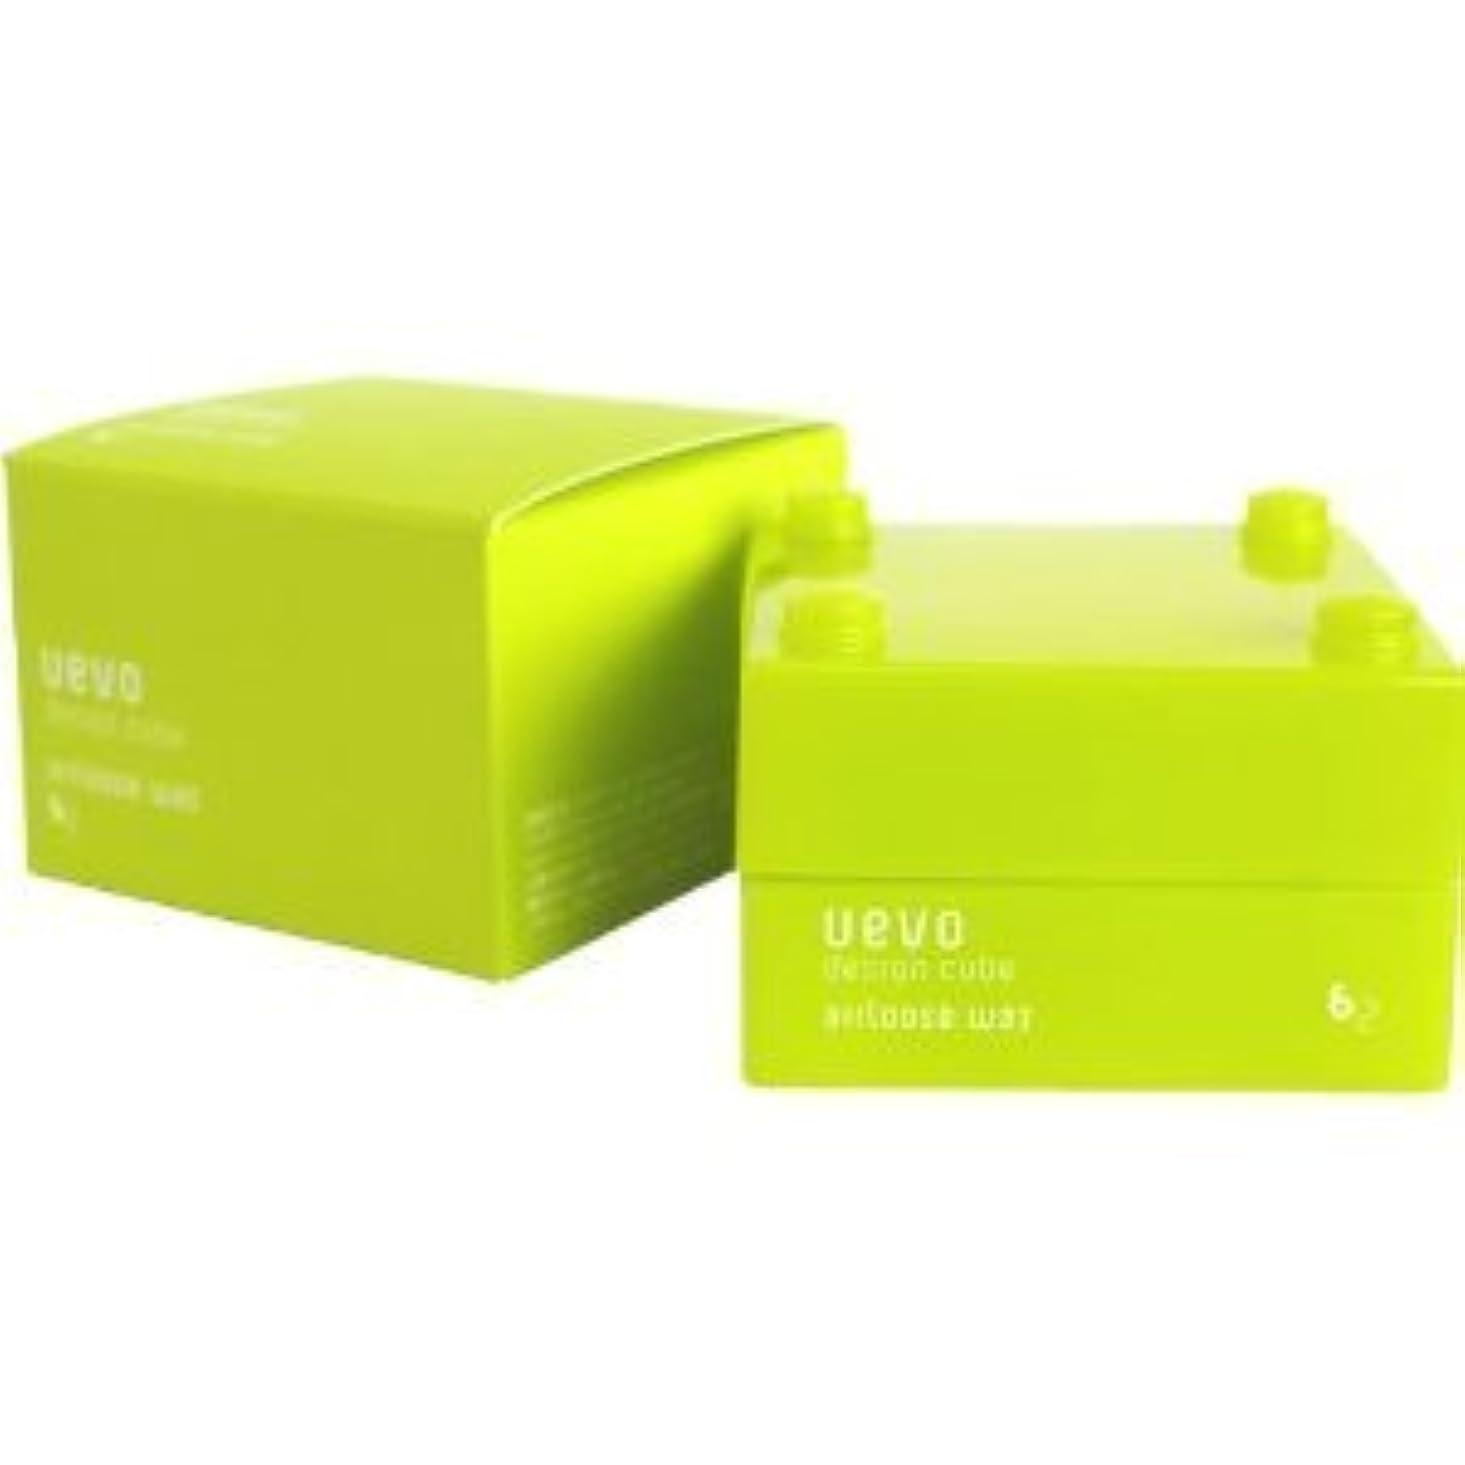 大陸マリナーファンブル【X2個セット】 デミ ウェーボ デザインキューブ エアルーズワックス 30g airloose wax DEMI uevo design cube